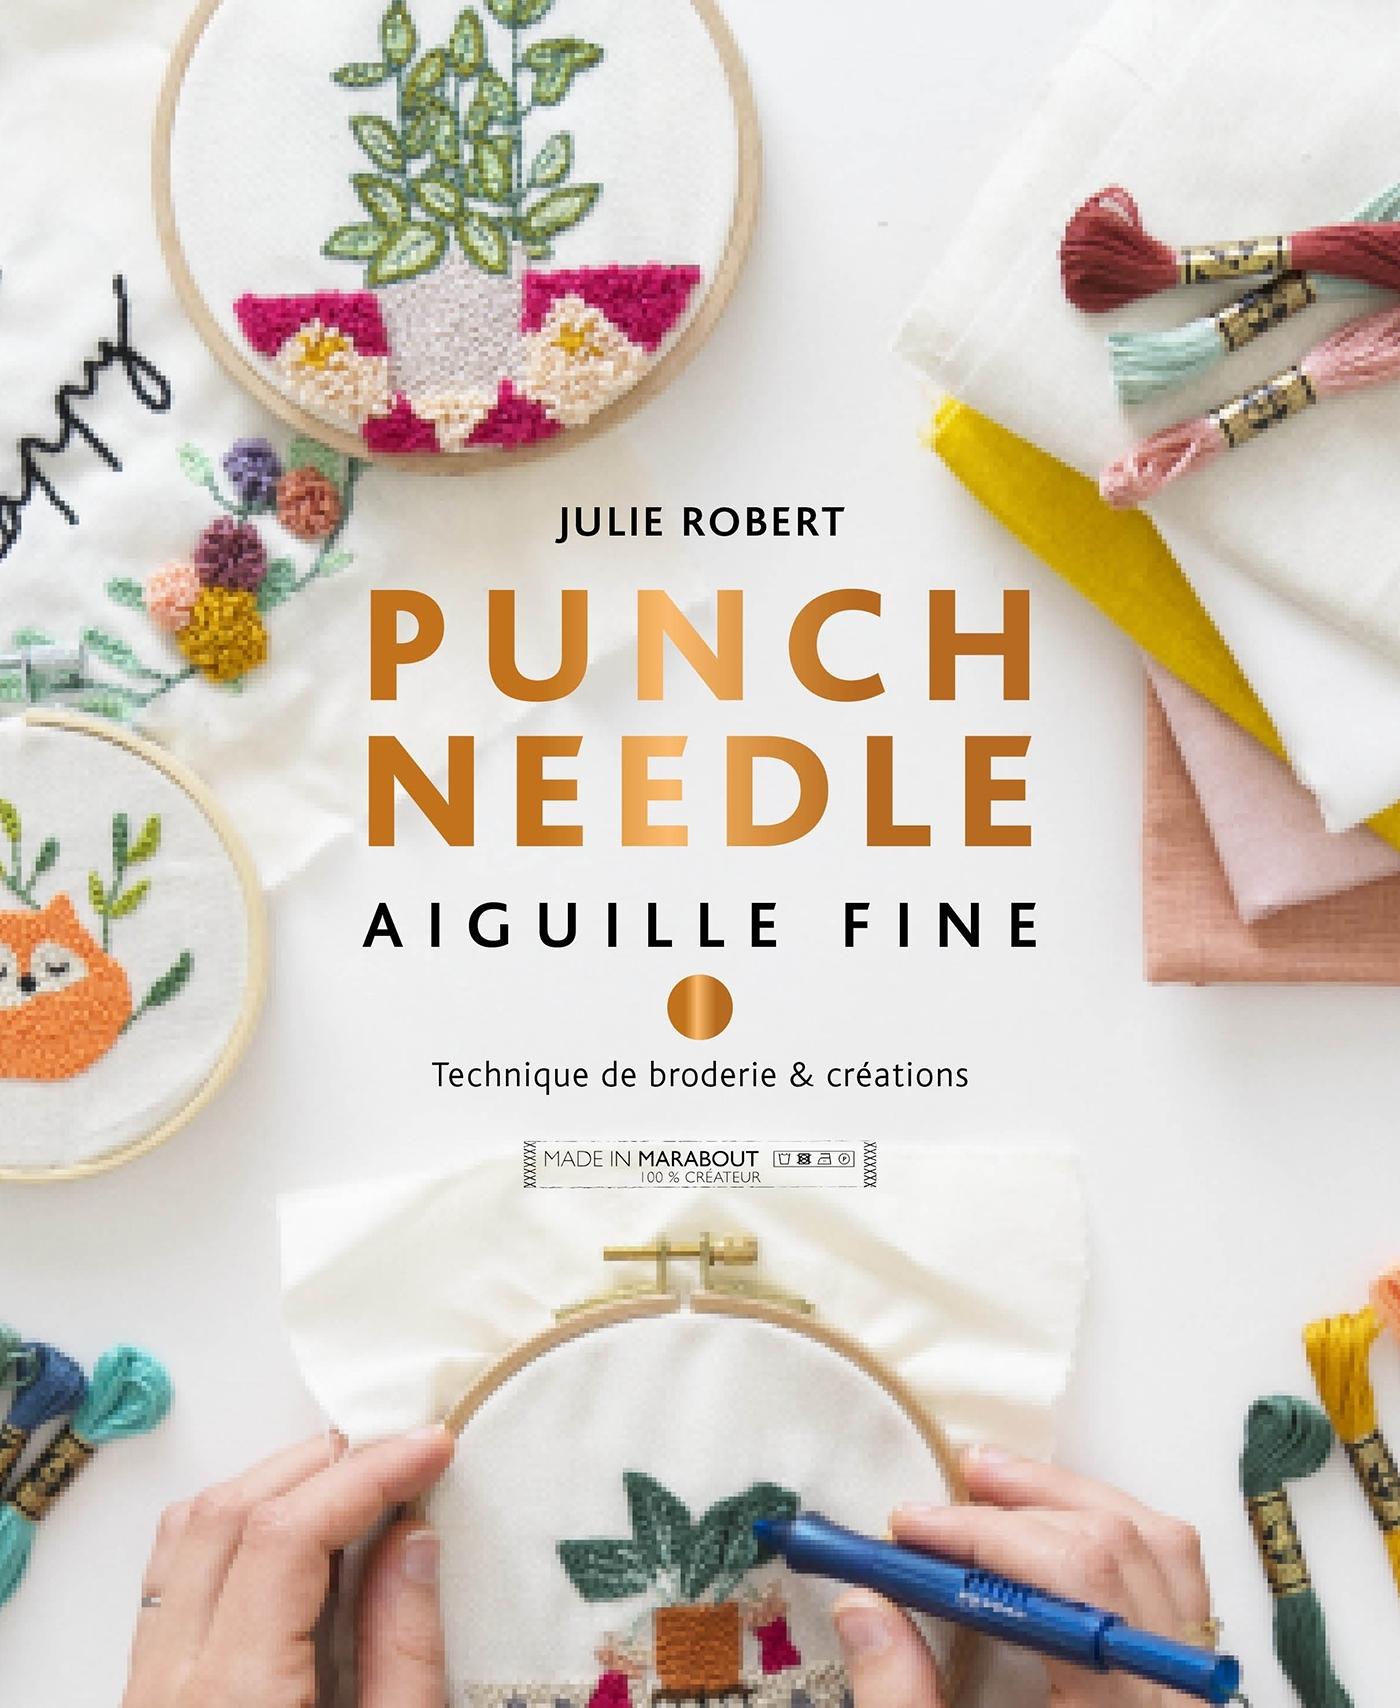 PUNCH NEEDLE - AIGUILLE FINE